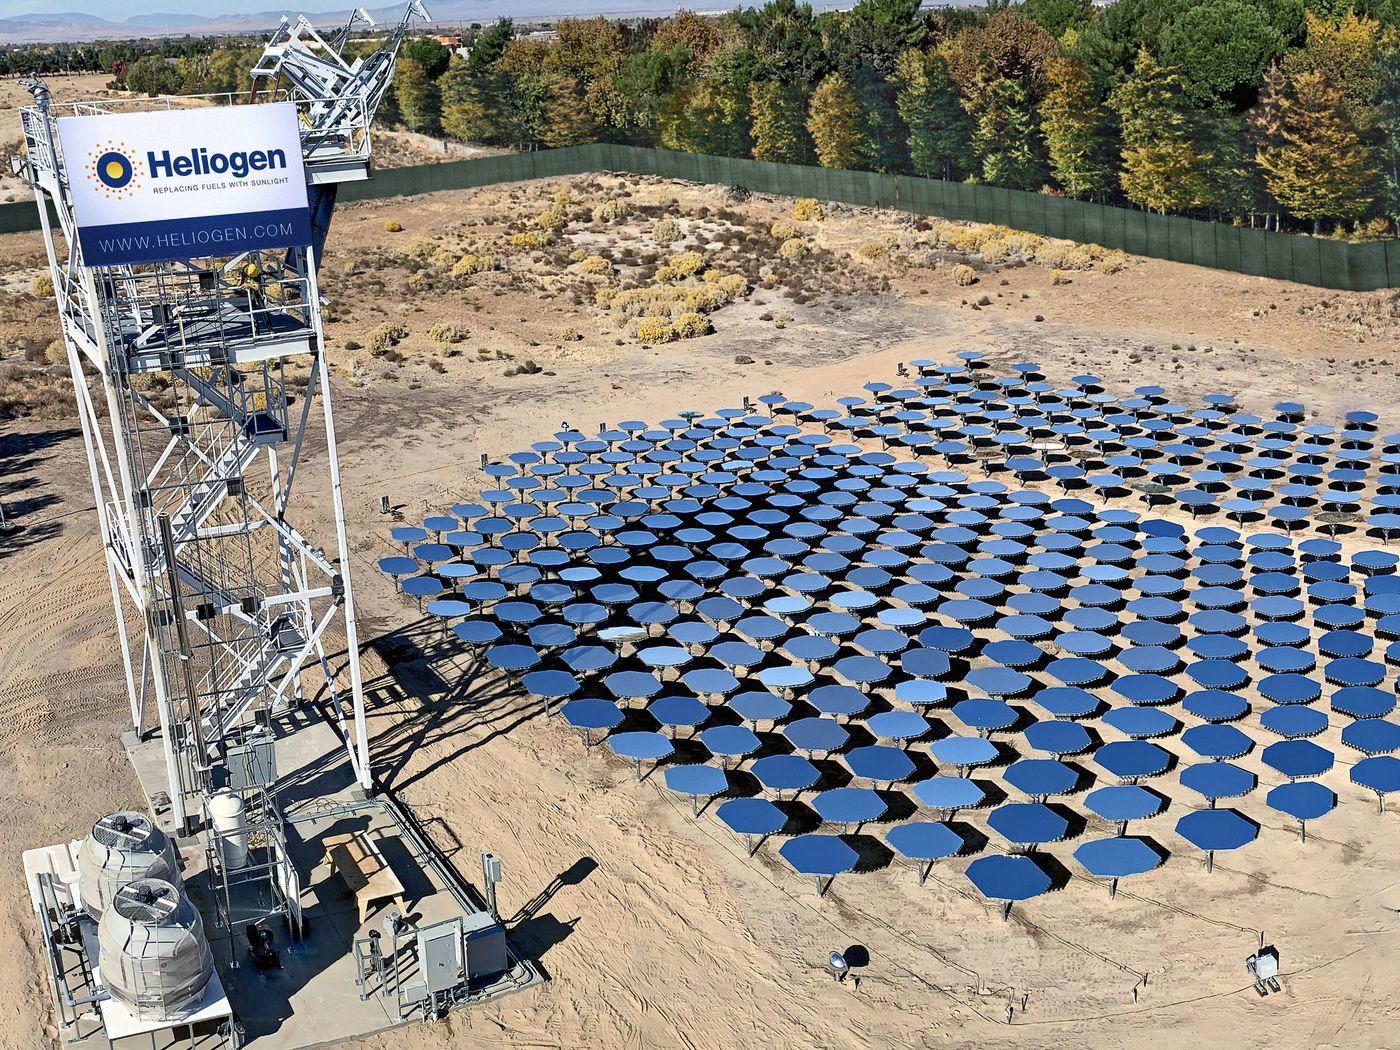 Ces panneaux solaires atteignent une chaleur record : un bond dans le futur pour l'industrie ?